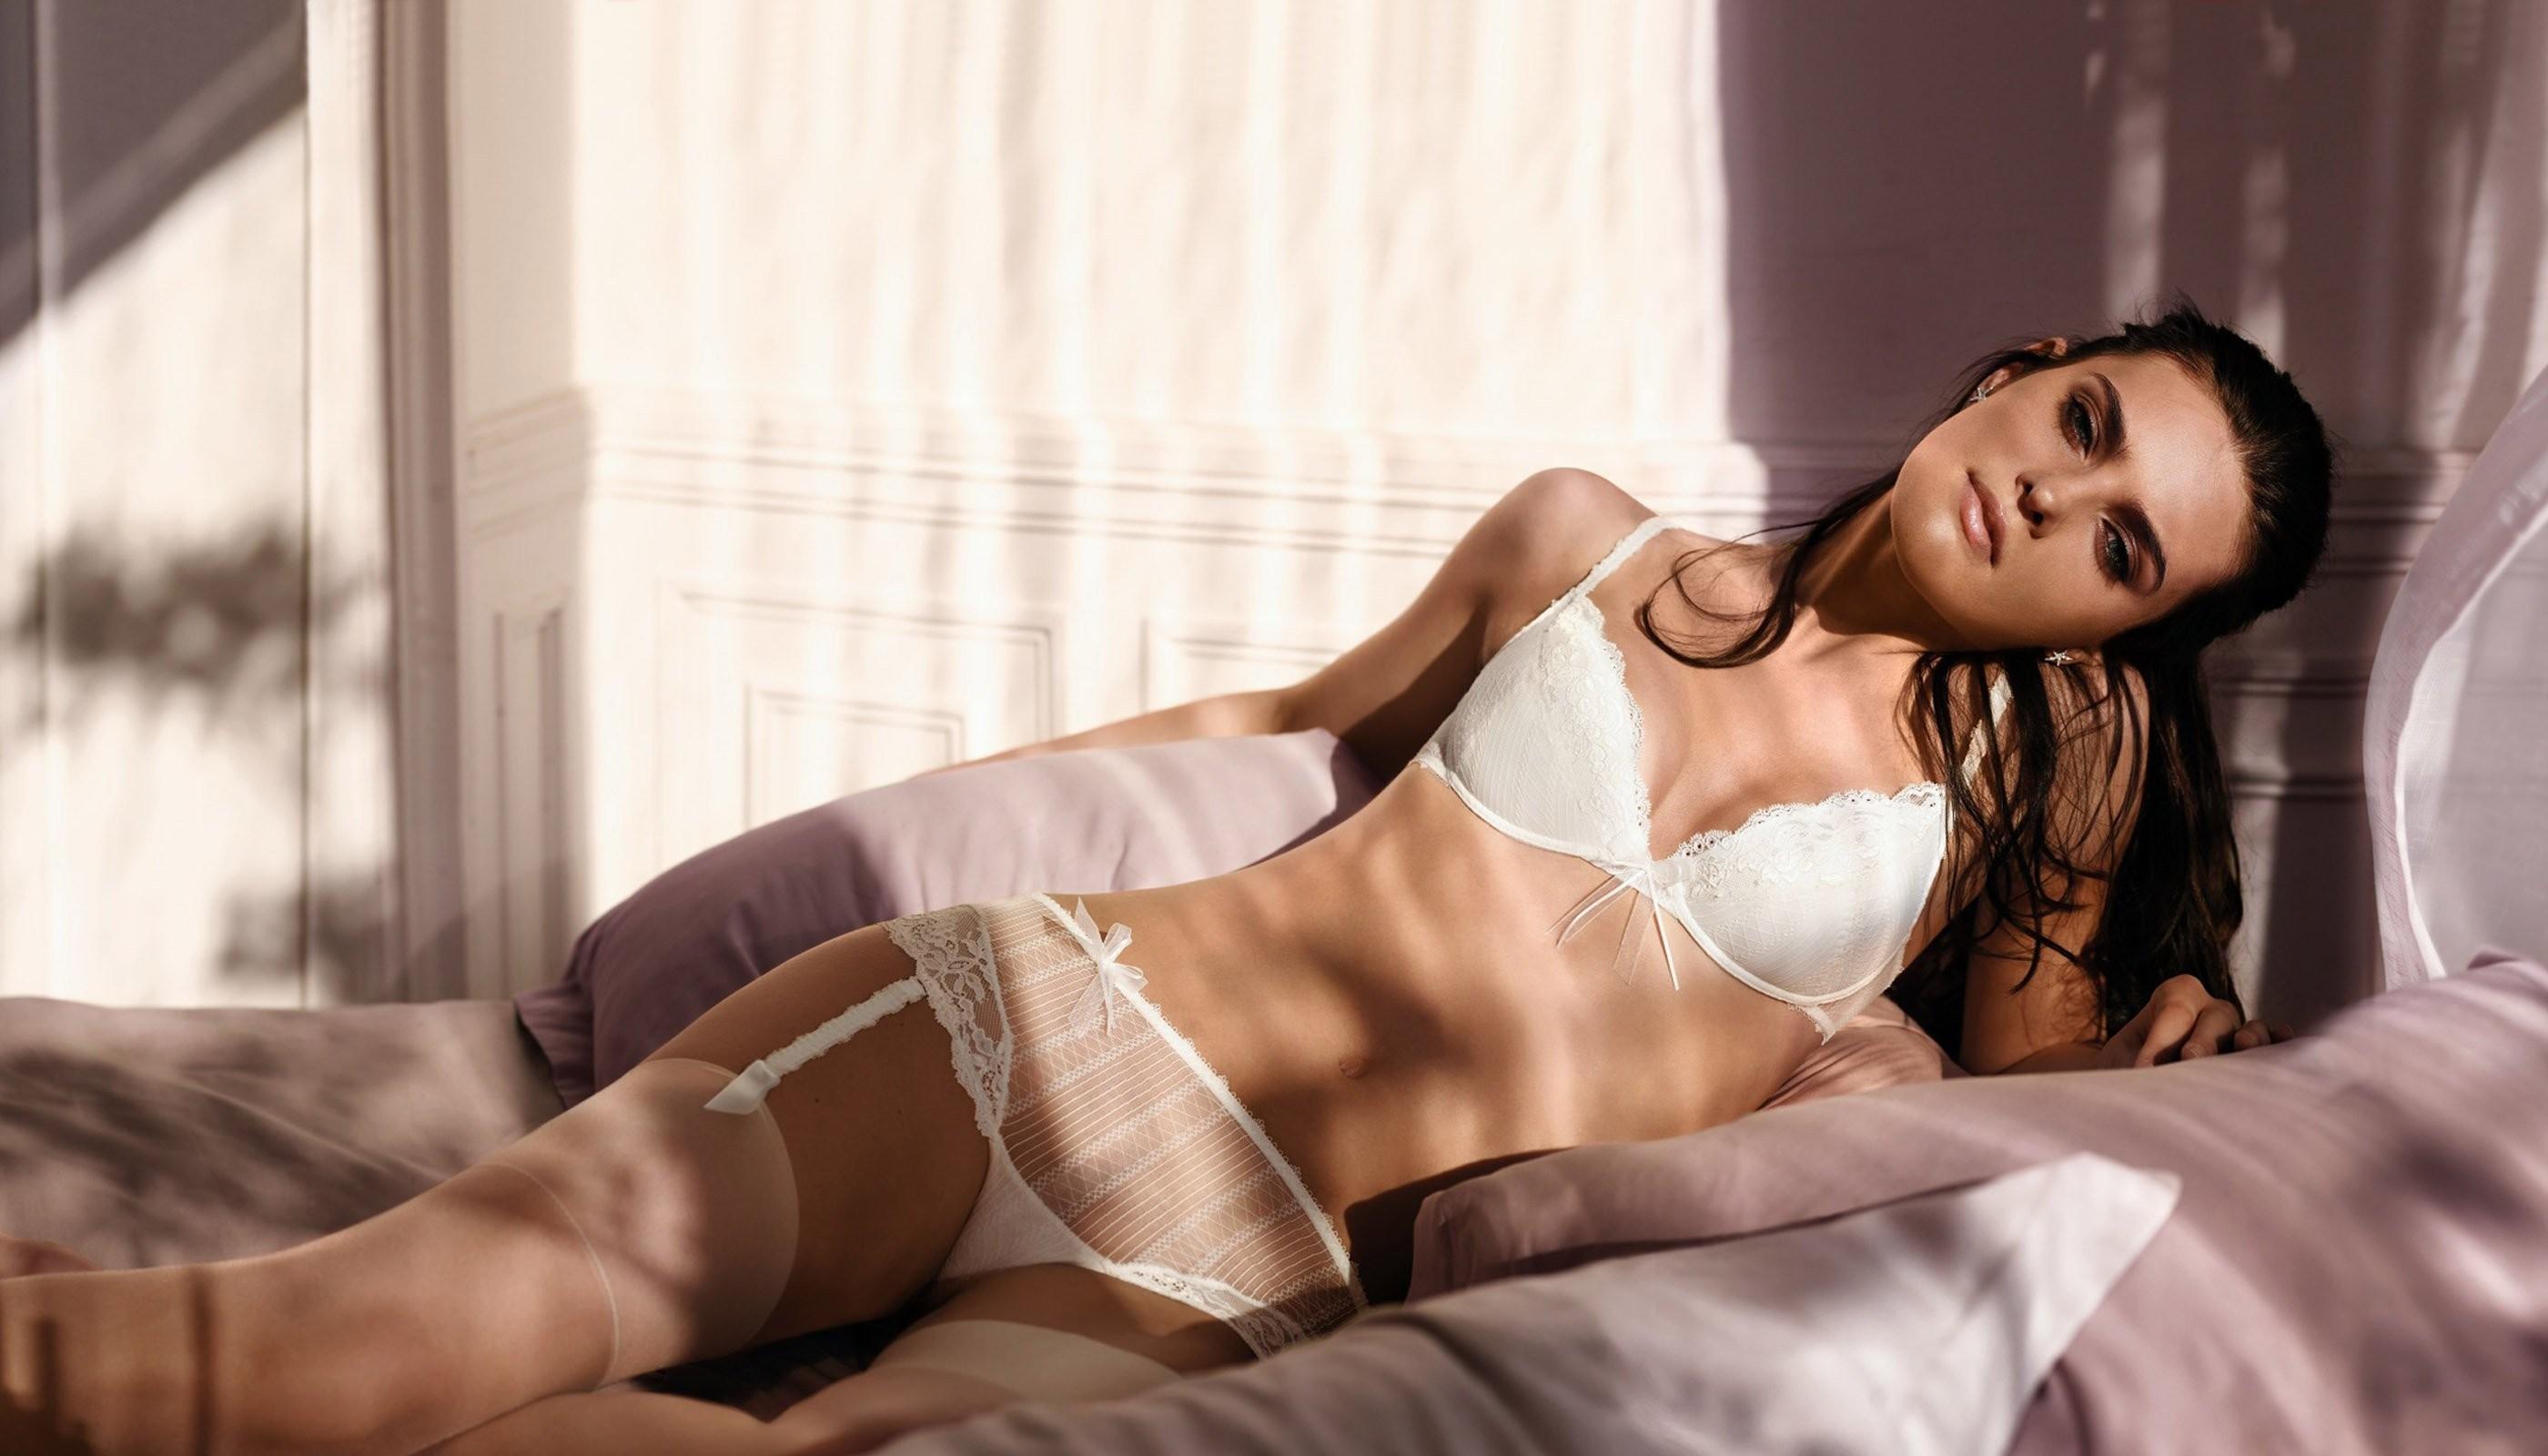 Фото девушек без нижнего белье, Фото женщин без нижнего белья - Эротические фото 12 фотография